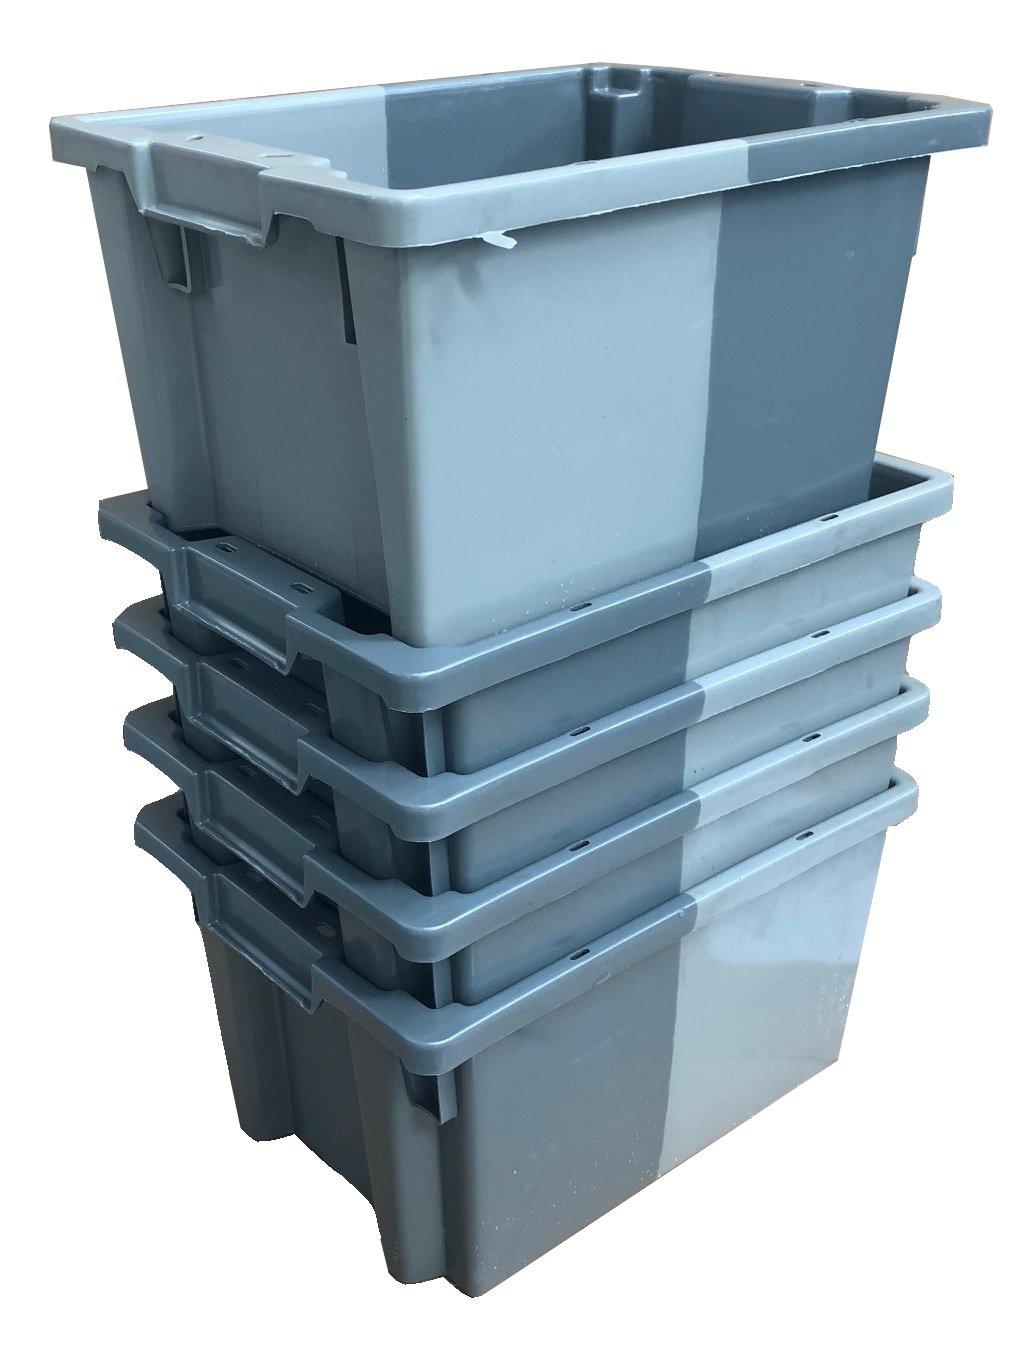 Pack de 10 x 16 litros gris pequeño apilado/nido 180º caja de almacenamiento de plástico contenedor caja de almacenamiento - 400 x 300 mm ...